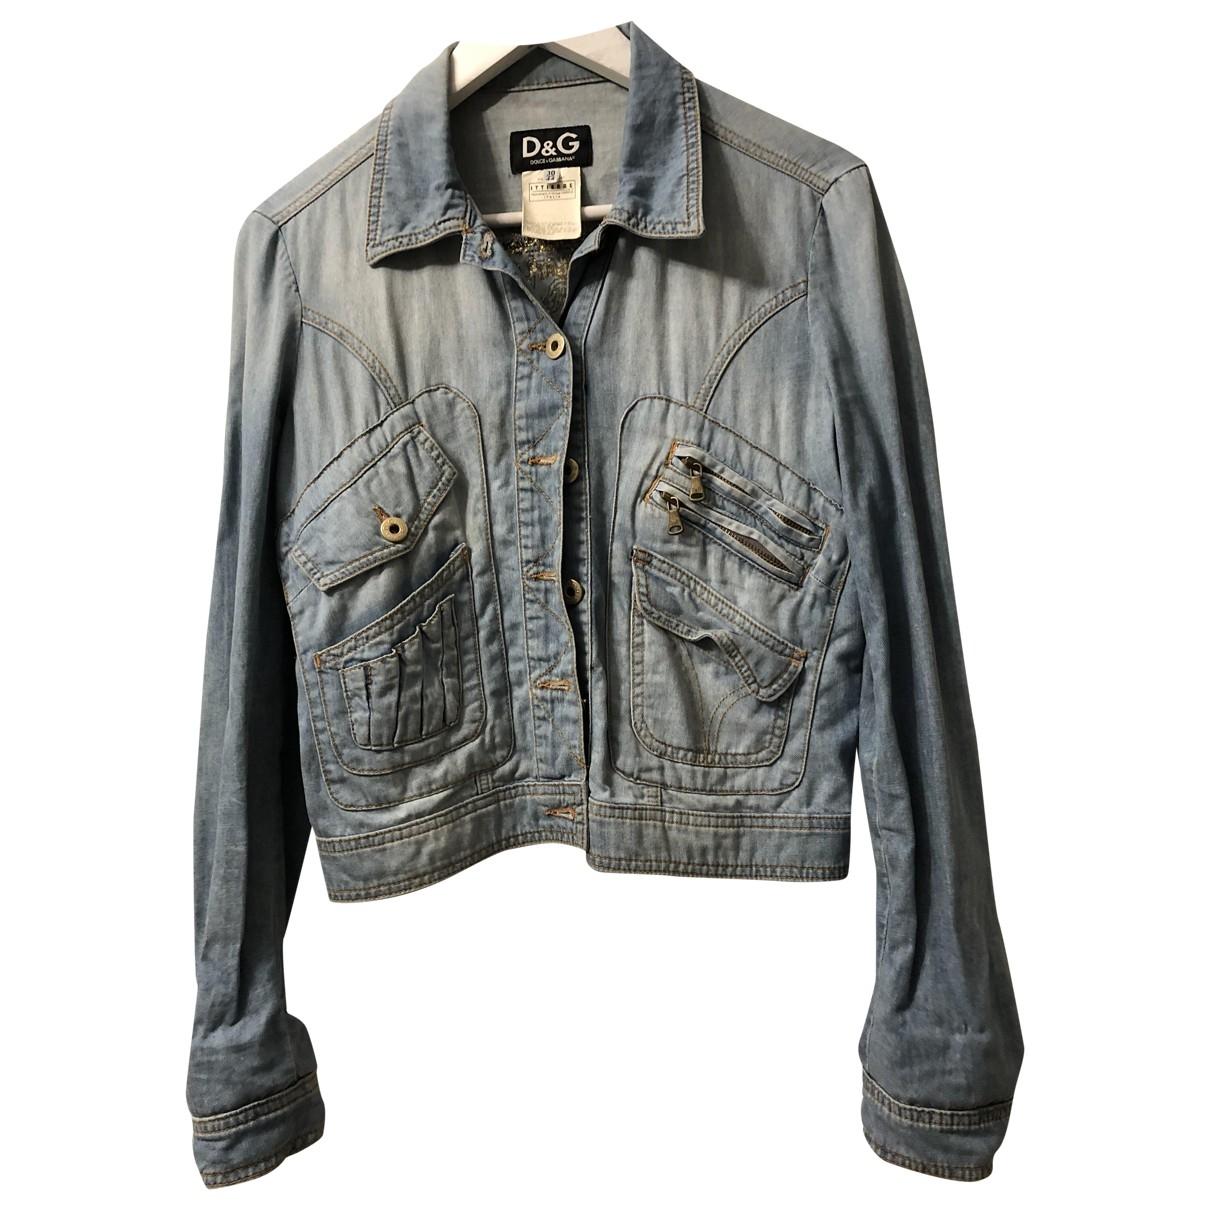 D&g \N Blue Denim - Jeans jacket for Women 44 IT